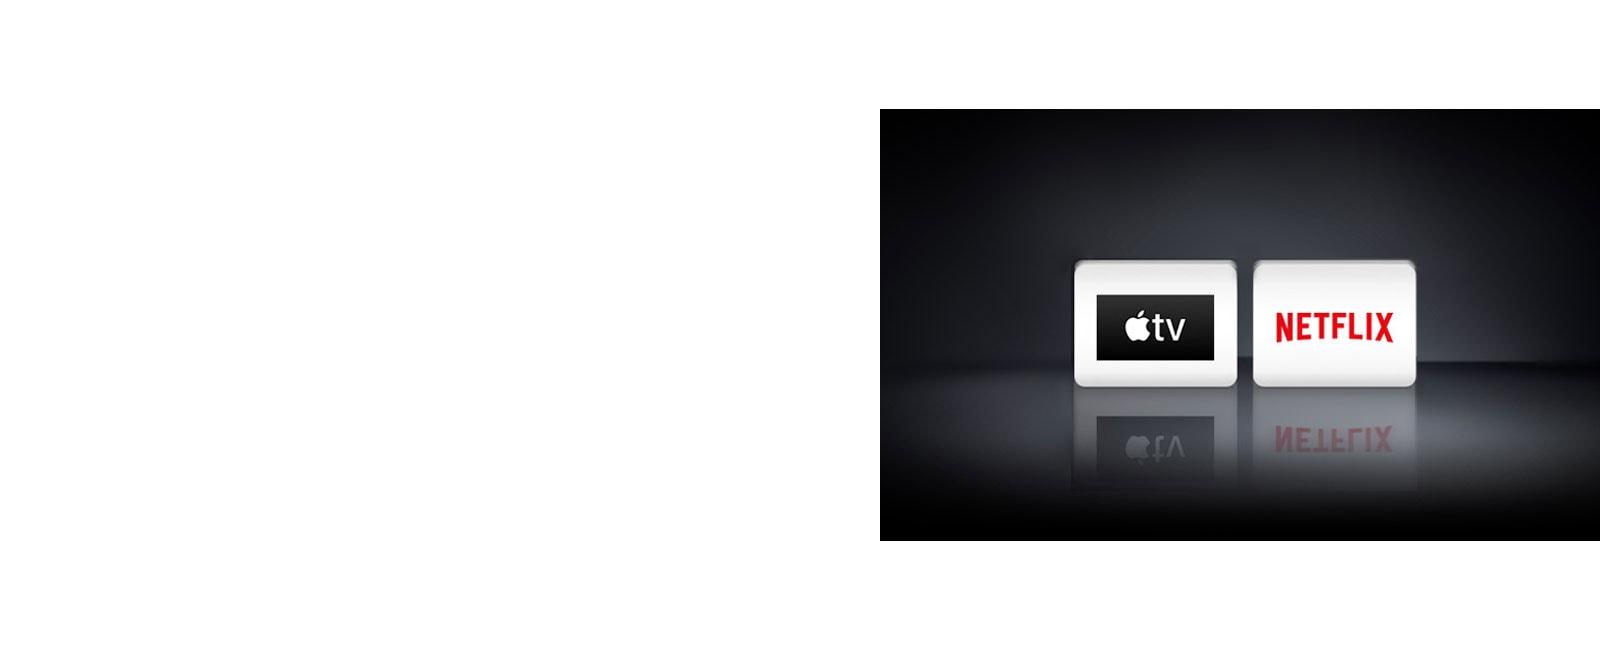 Tiga logo aplikasi ditampilkan dari kiri ke kanan: Apple TV dan Netflix.